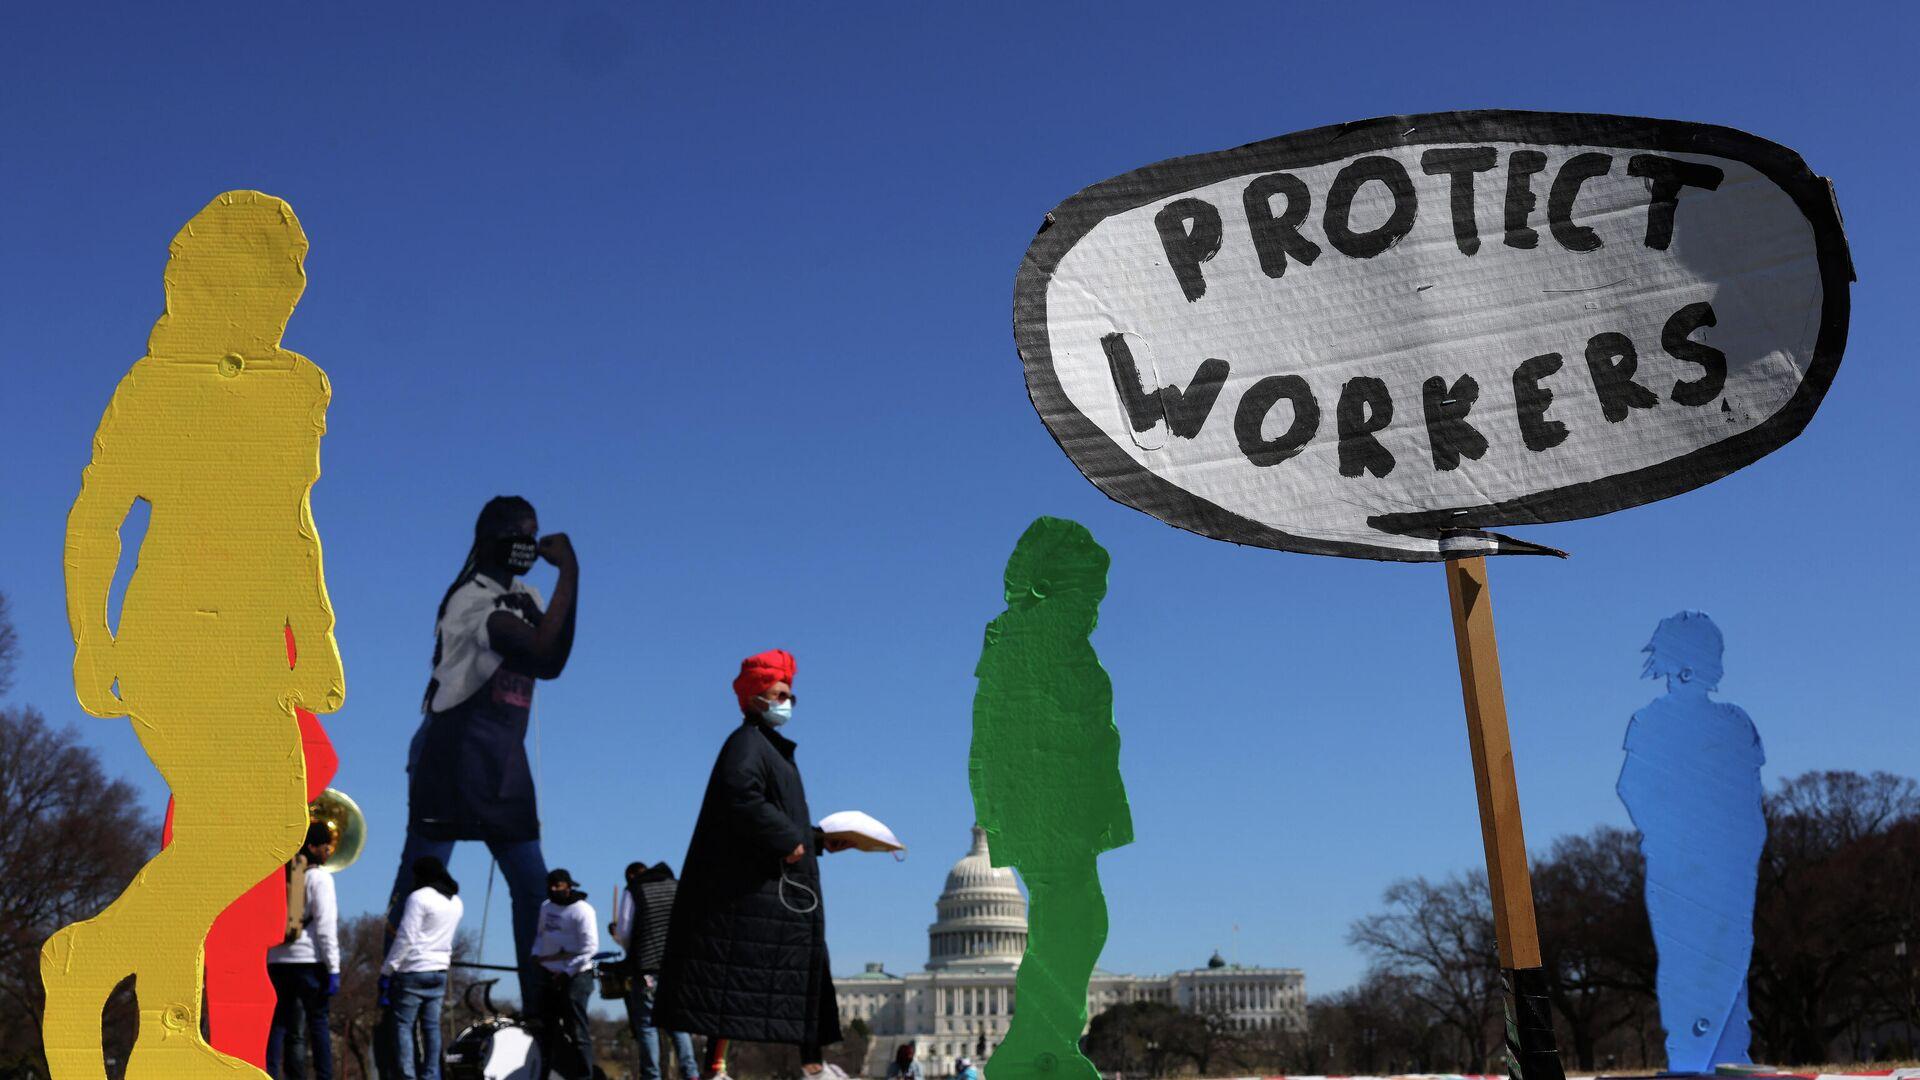 Manifestación de los trabajadores en EEUU (Archivo) - Sputnik Mundo, 1920, 01.05.2021